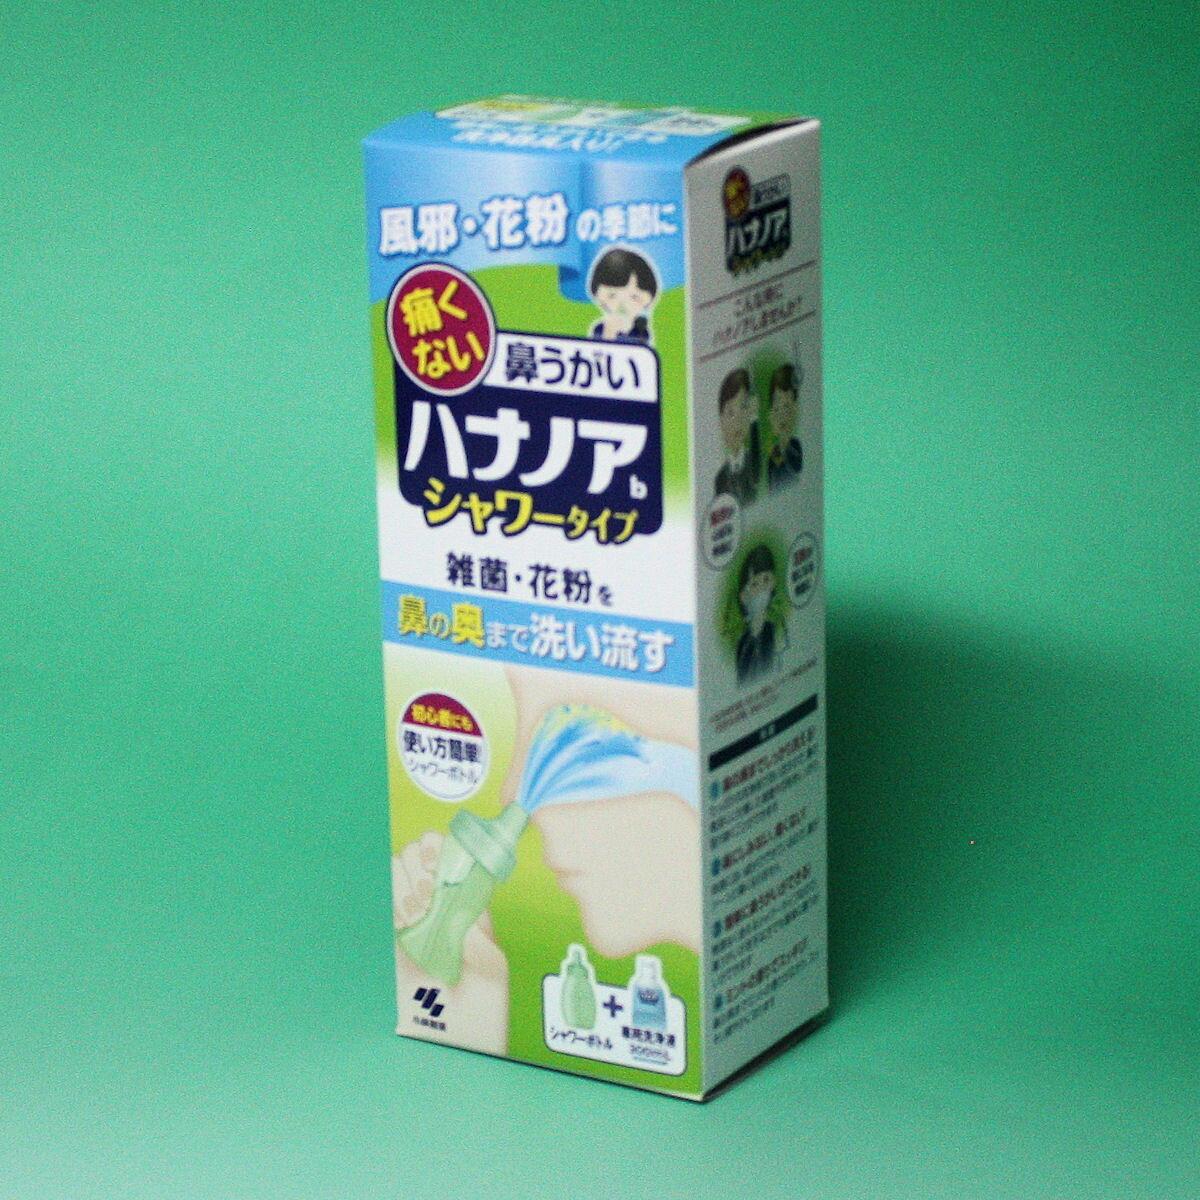 ハナノア シャワータイプ  痛くない鼻うがい  小林製薬   シャワーボトル+専用洗浄液300ml